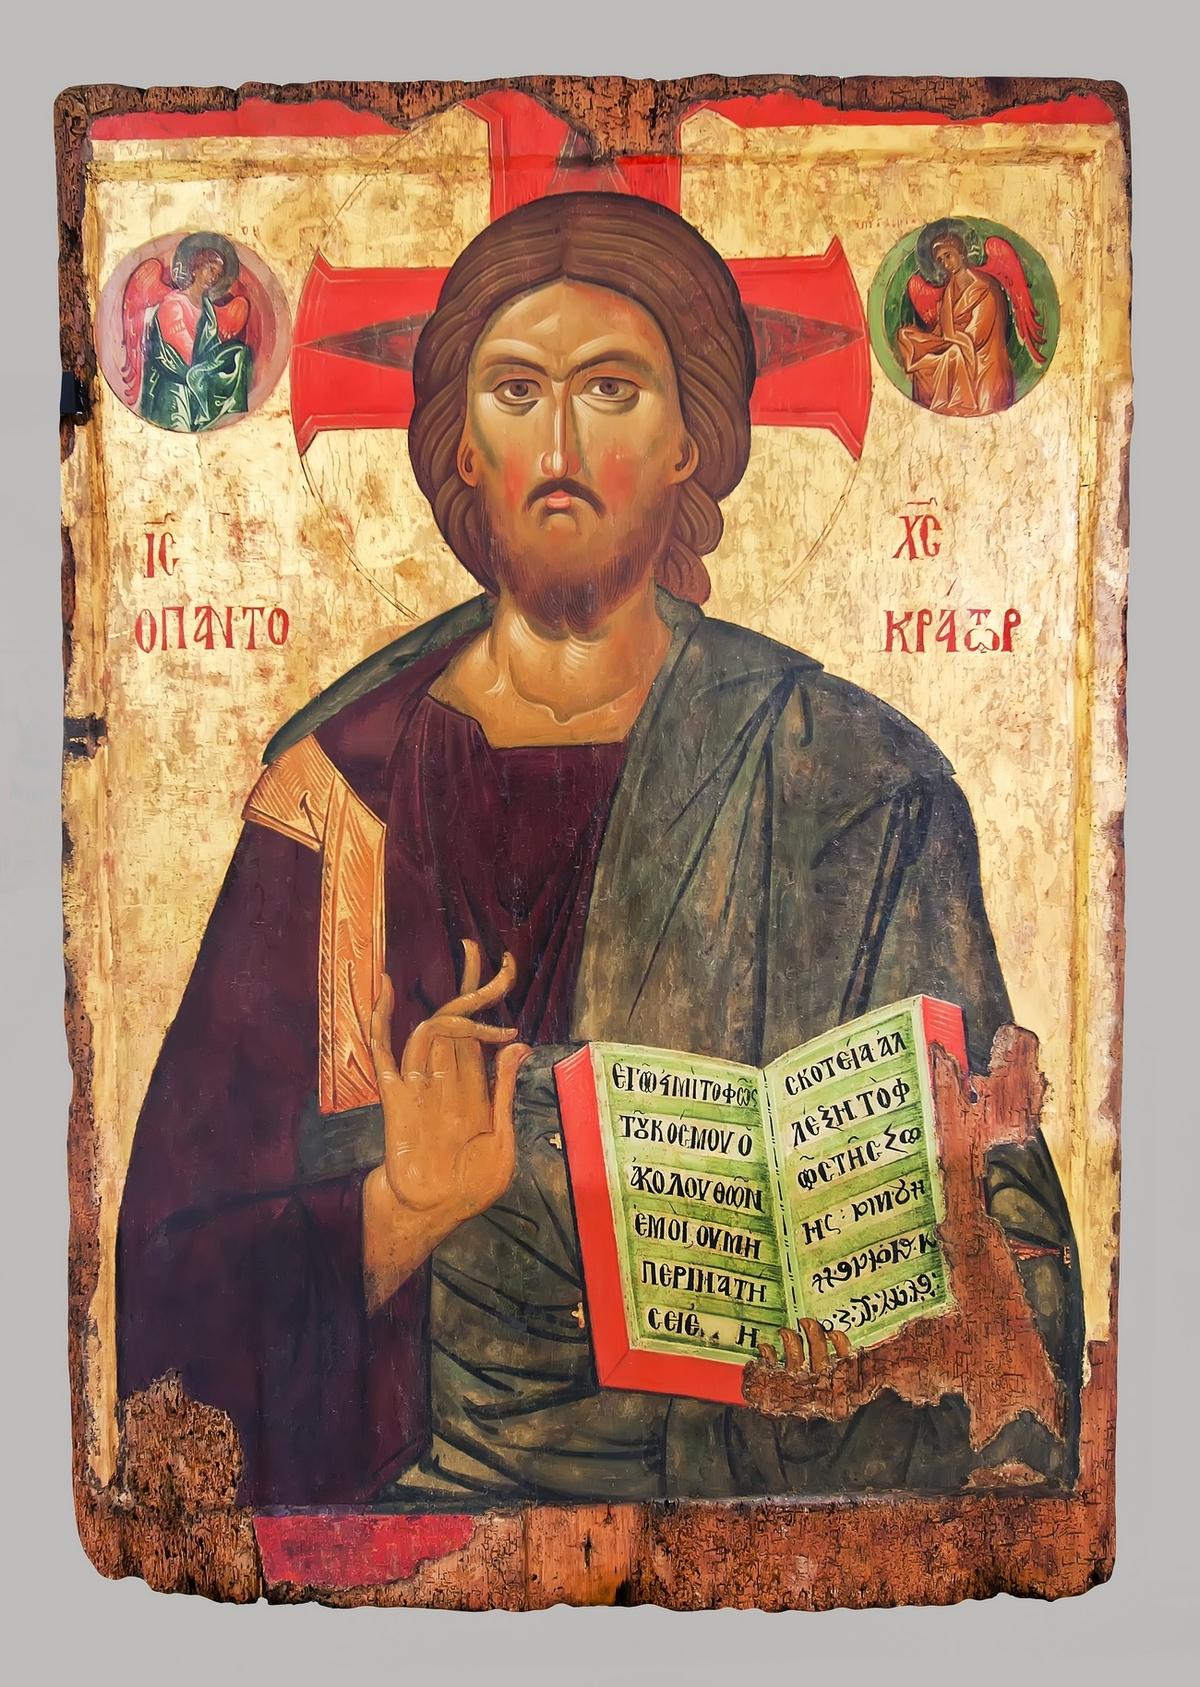 Шедевры церковного искусства Болгарии смотреть фото